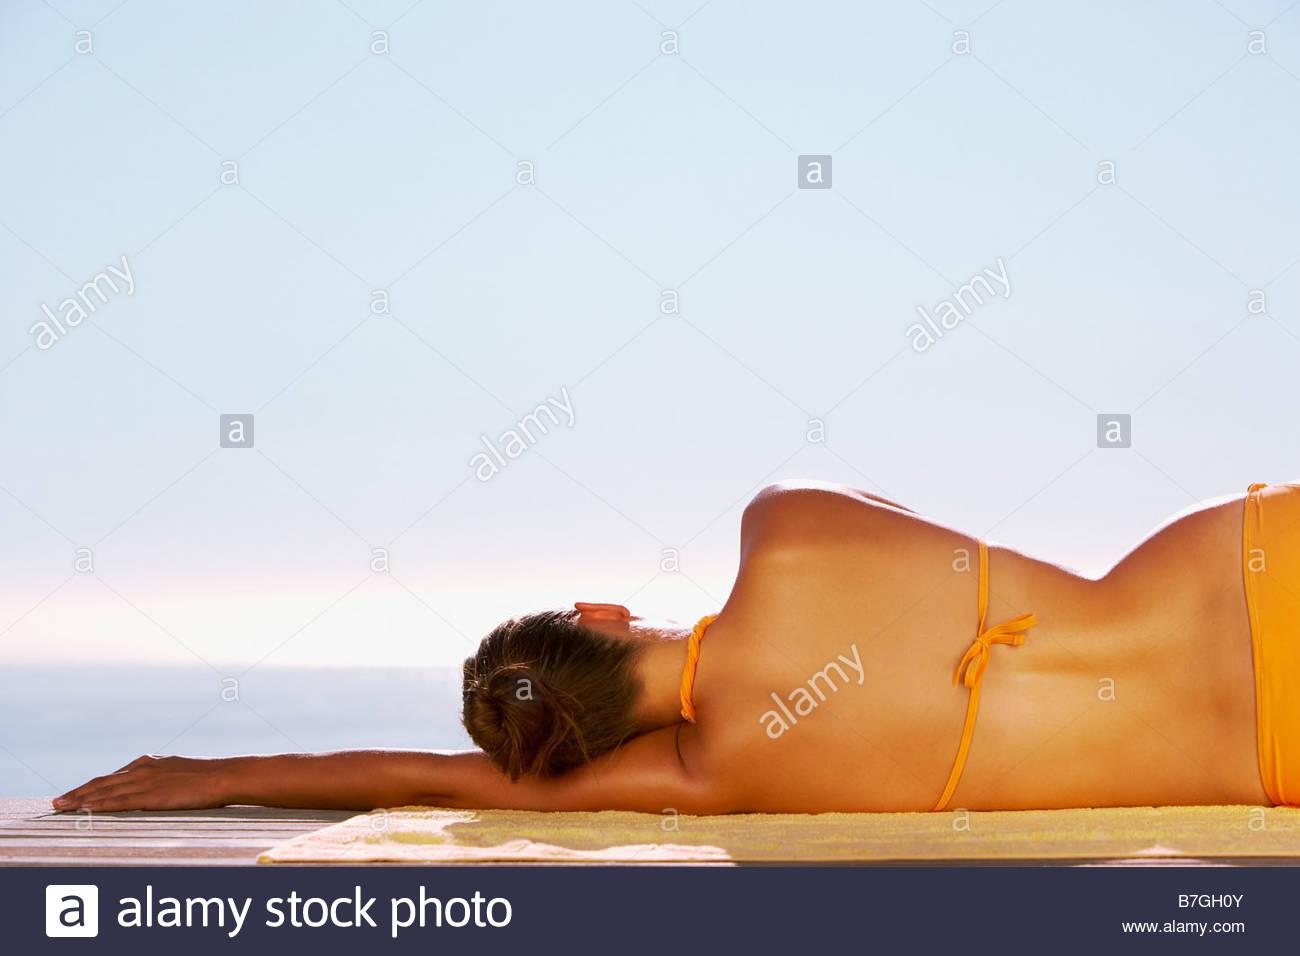 '20 à 25 ans,20s,adultes,seulement,Serviette de plage beauté dans la Nature,derrière,Bikini,Image,couleur,confortable Photo Stock